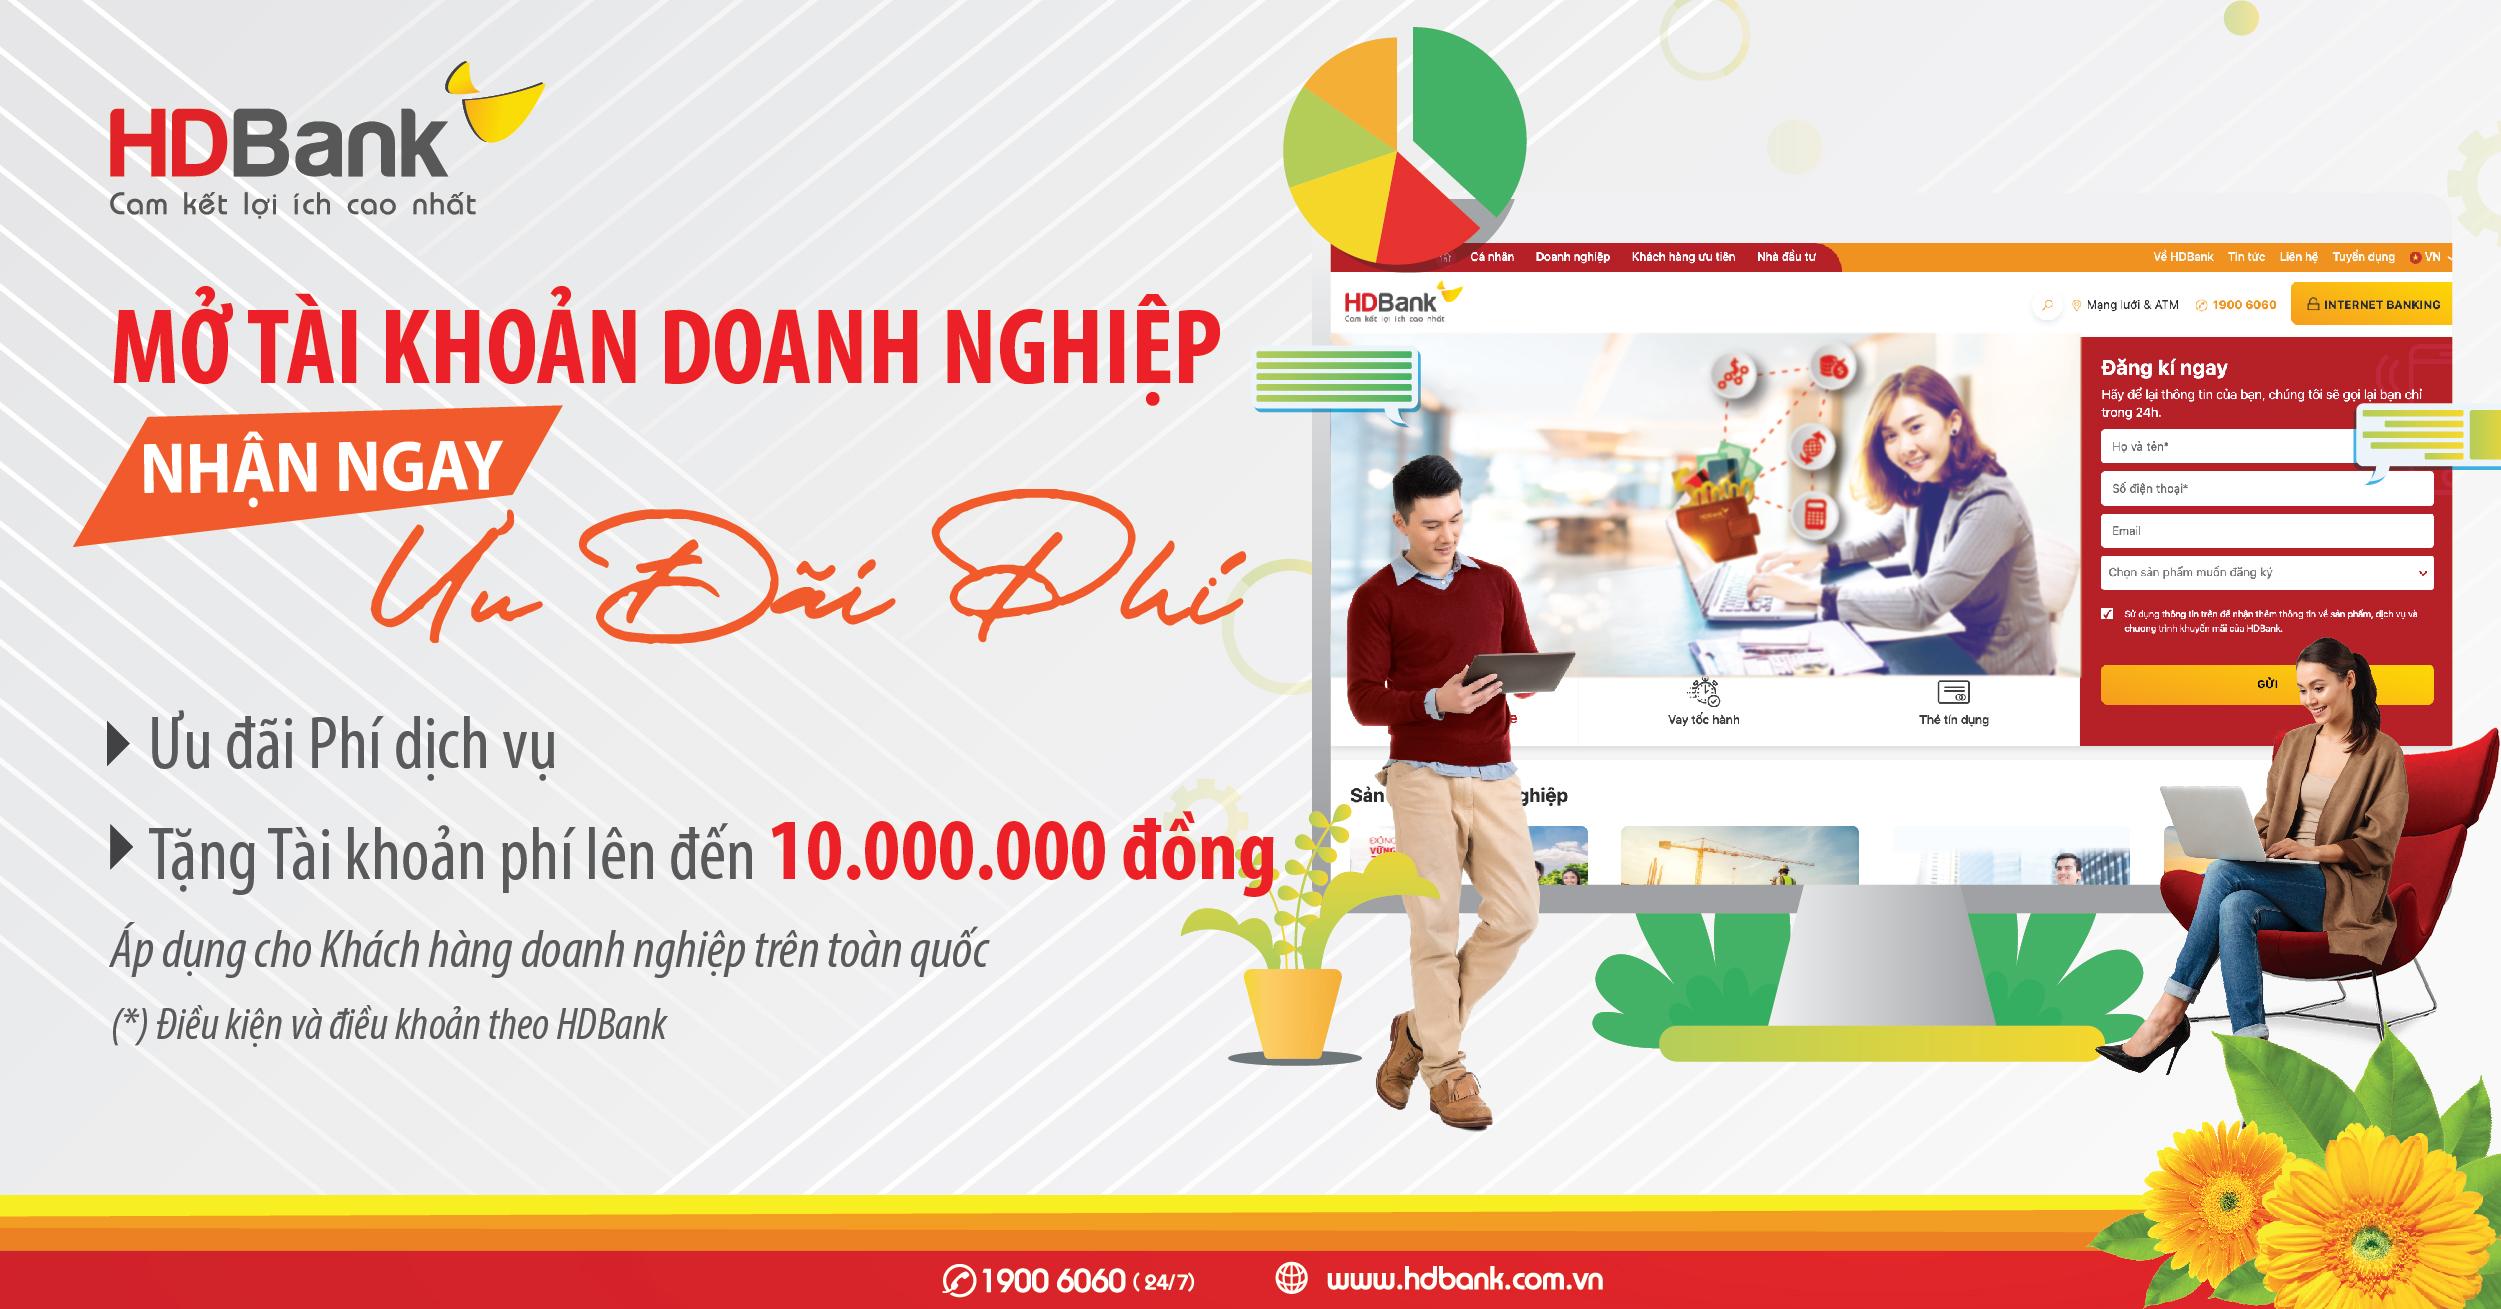 HDBank ưu đãi phí cho khách hàng mở tài khoản doanh nghiệp - Ảnh 1.